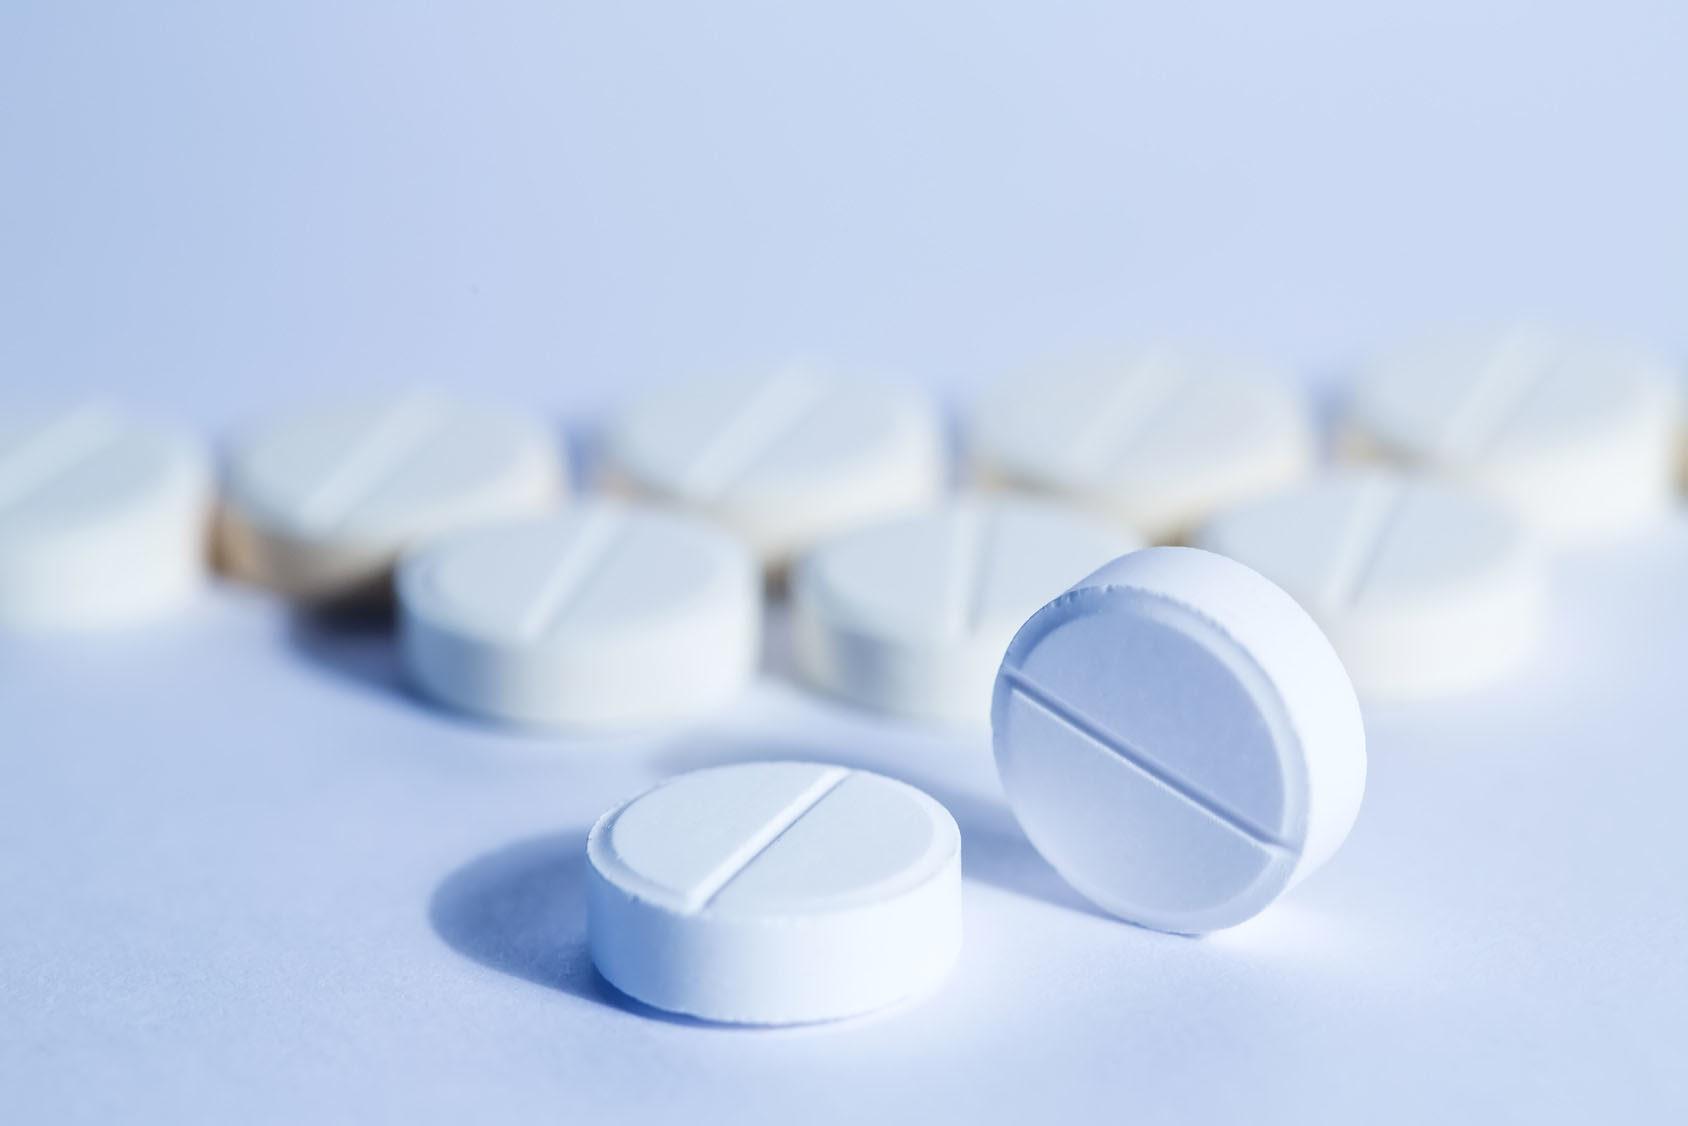 Làm giảm đau răng tại nhà - Dùng thuốc giảm đau răng